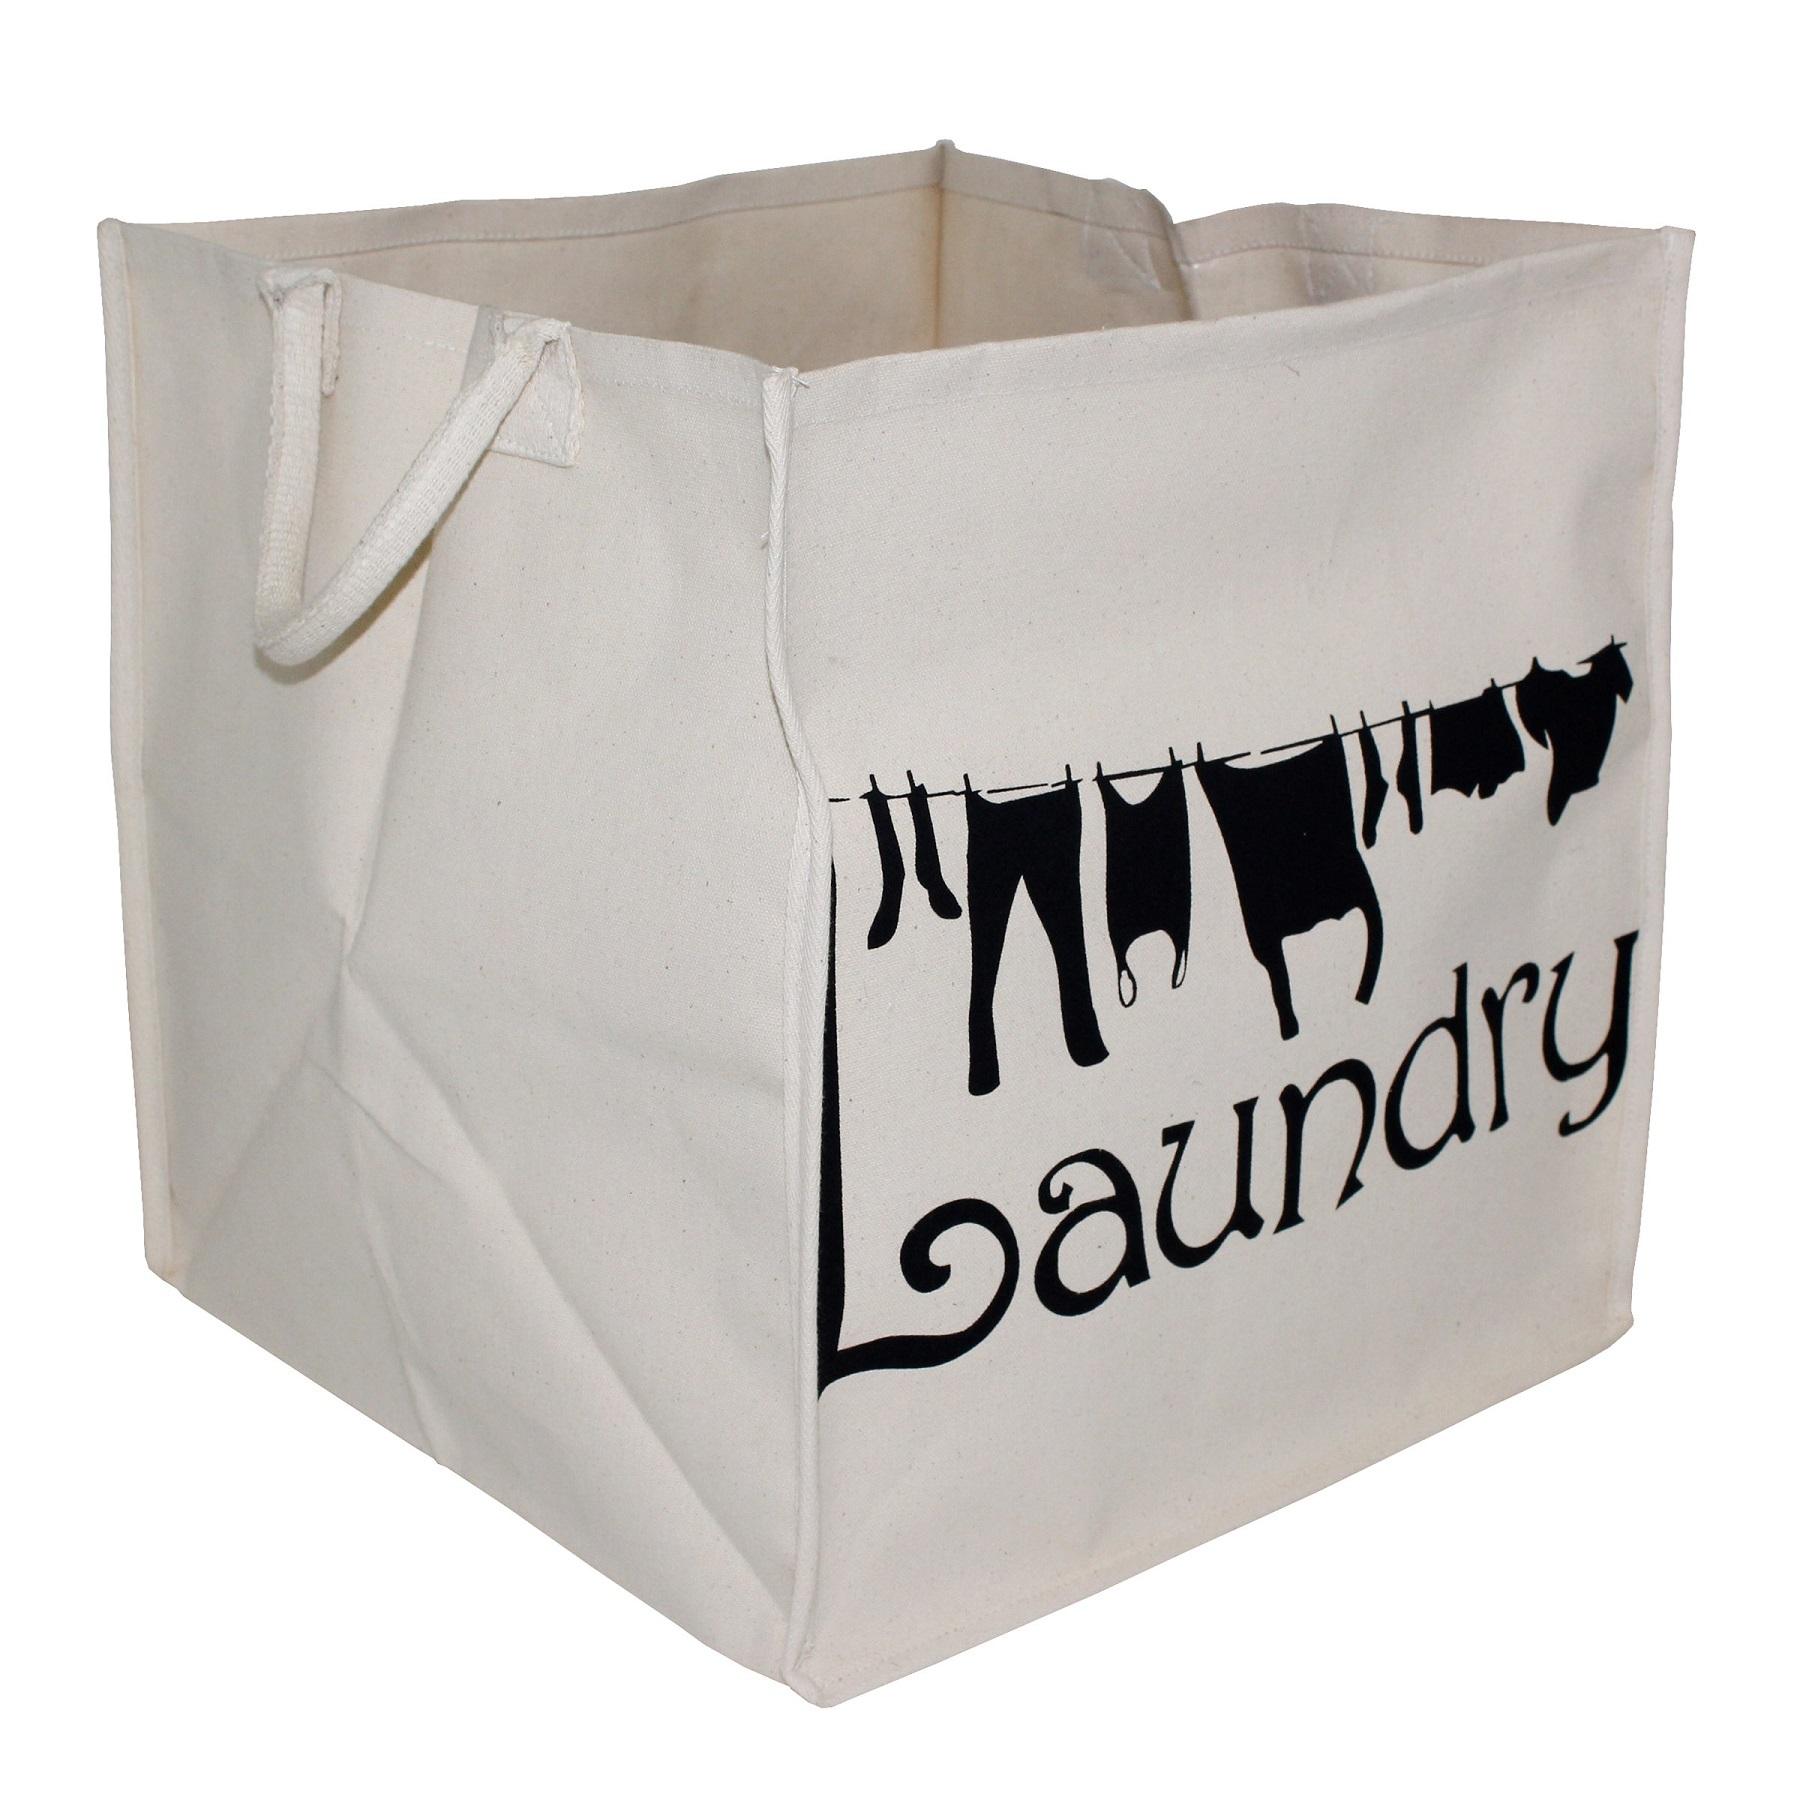 10 Oz Pp Laminated Natural Canvas Laundry Bag